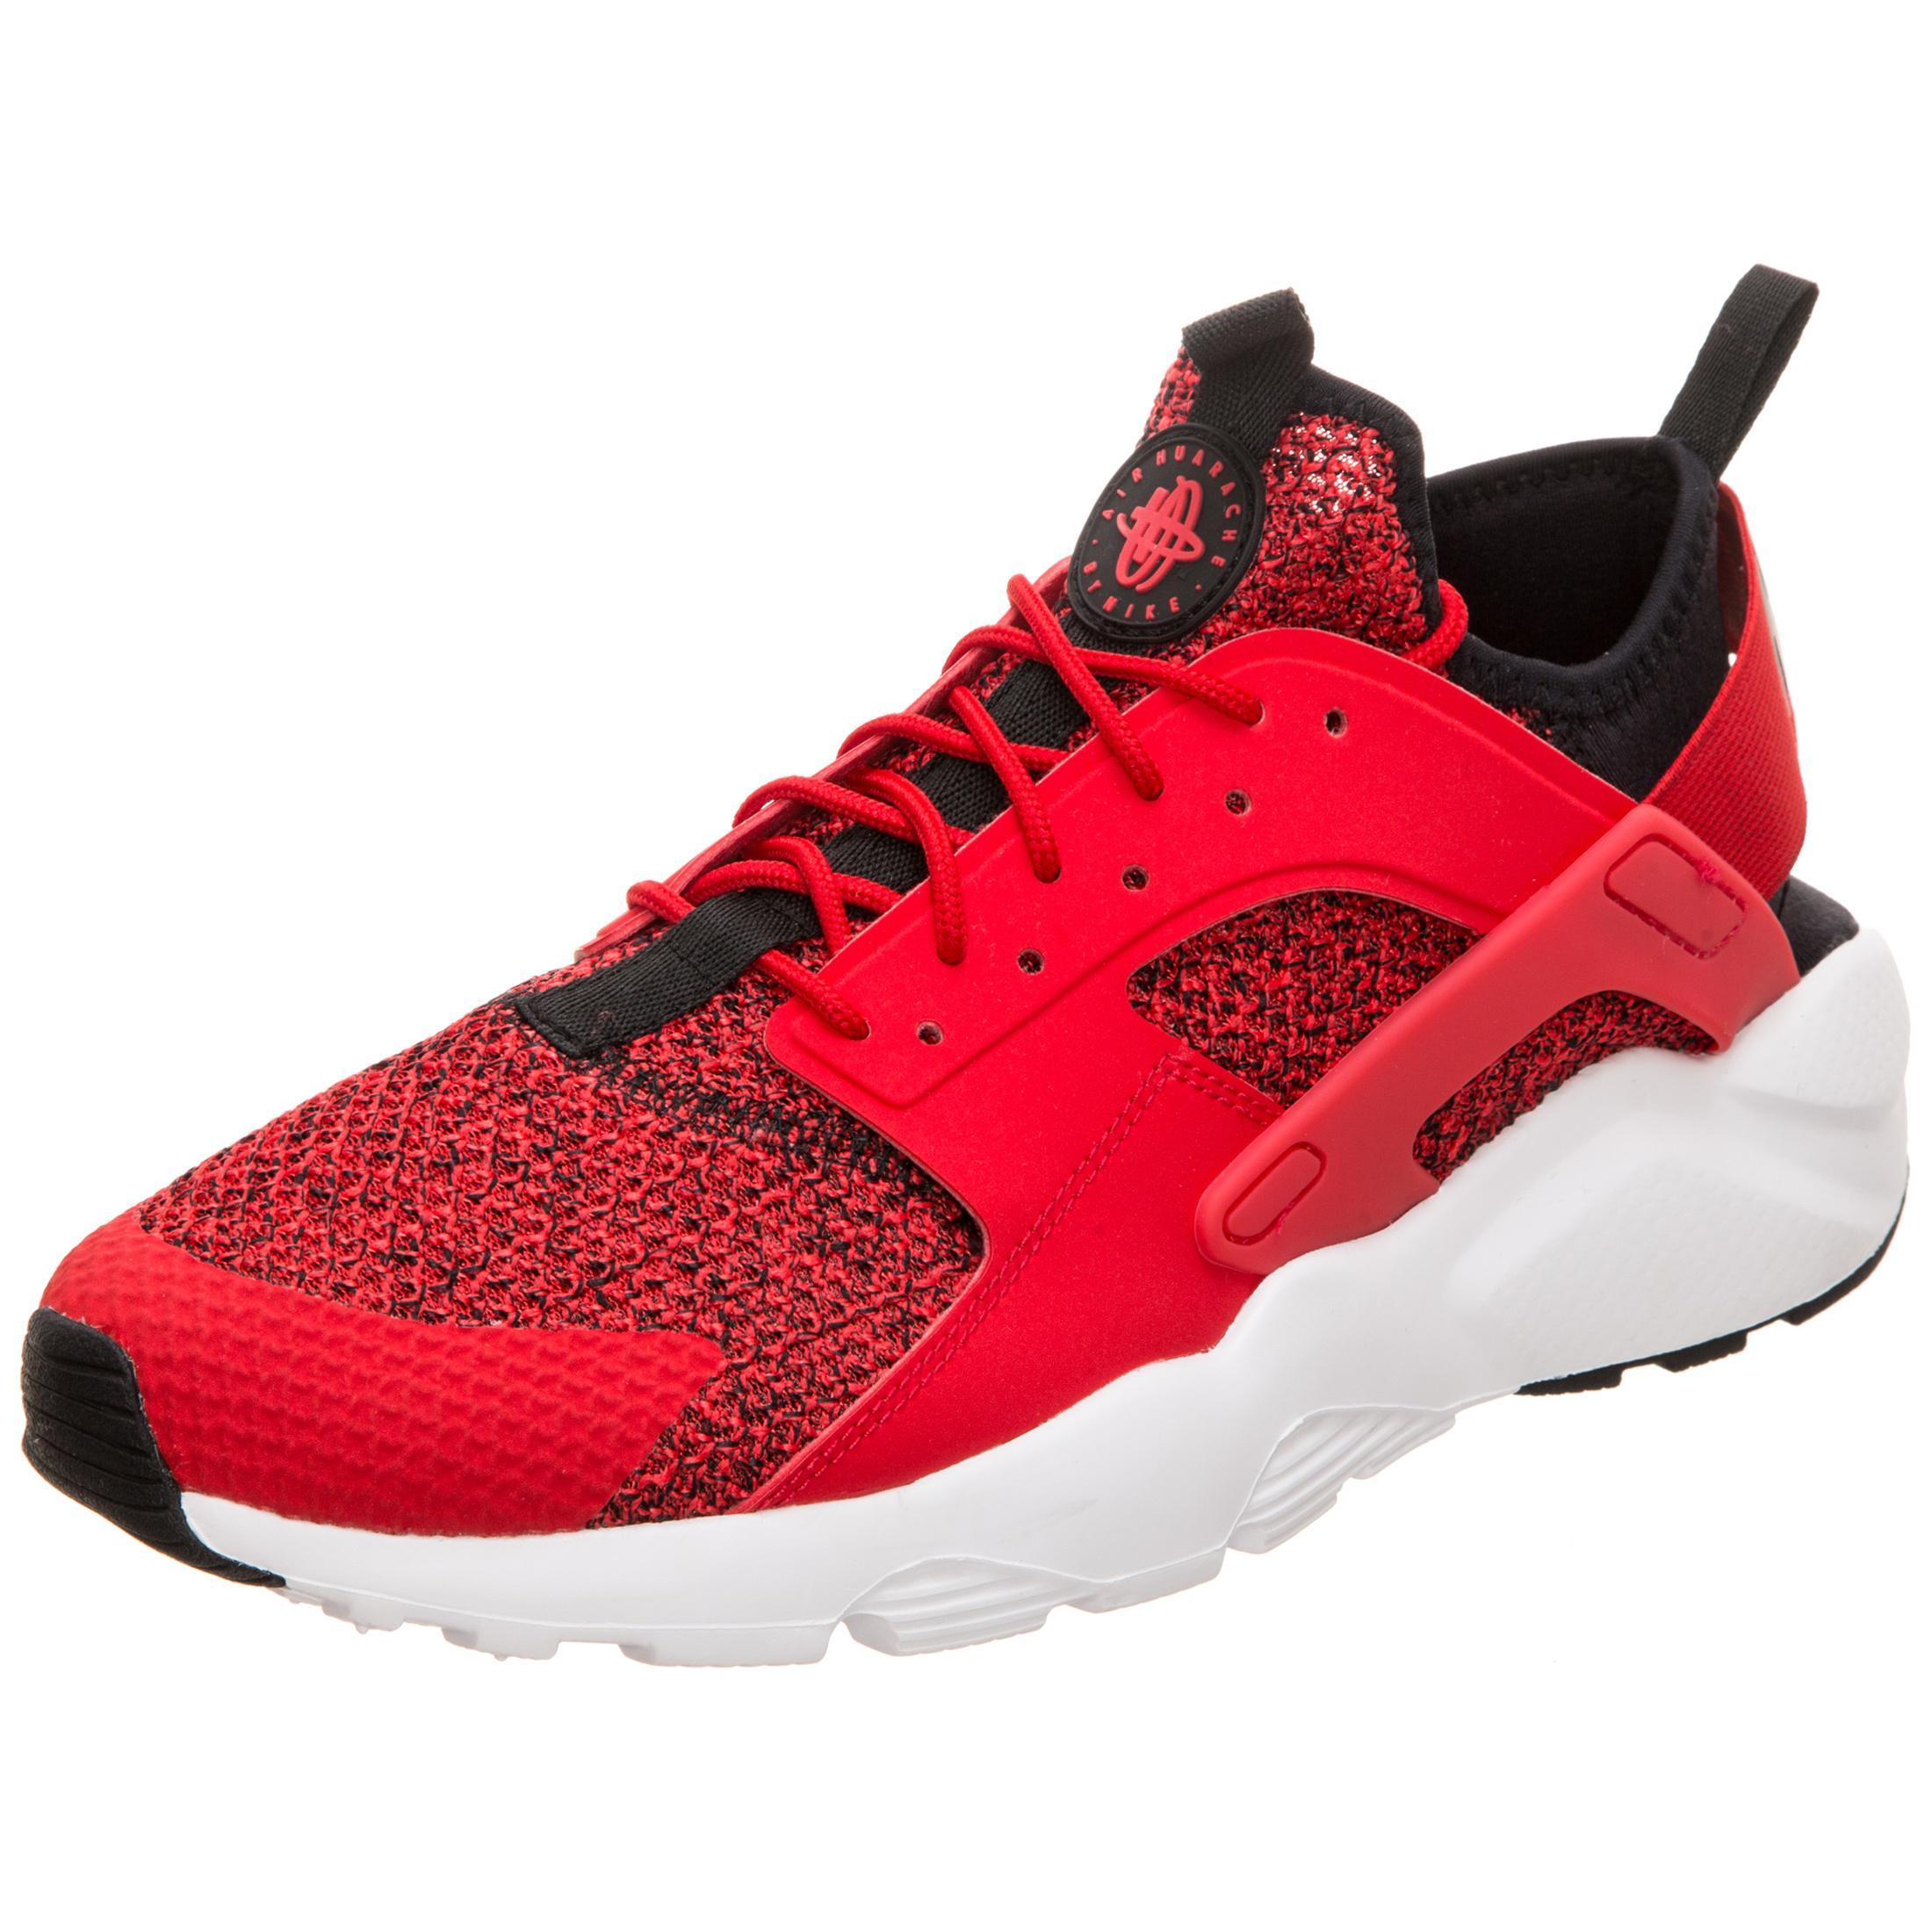 official photos 1424f 74dae Nike Air Huarache Run Ultra SE Sneaker Herren rot  schwarz  weiß im  Online Shop von SportScheck kaufen